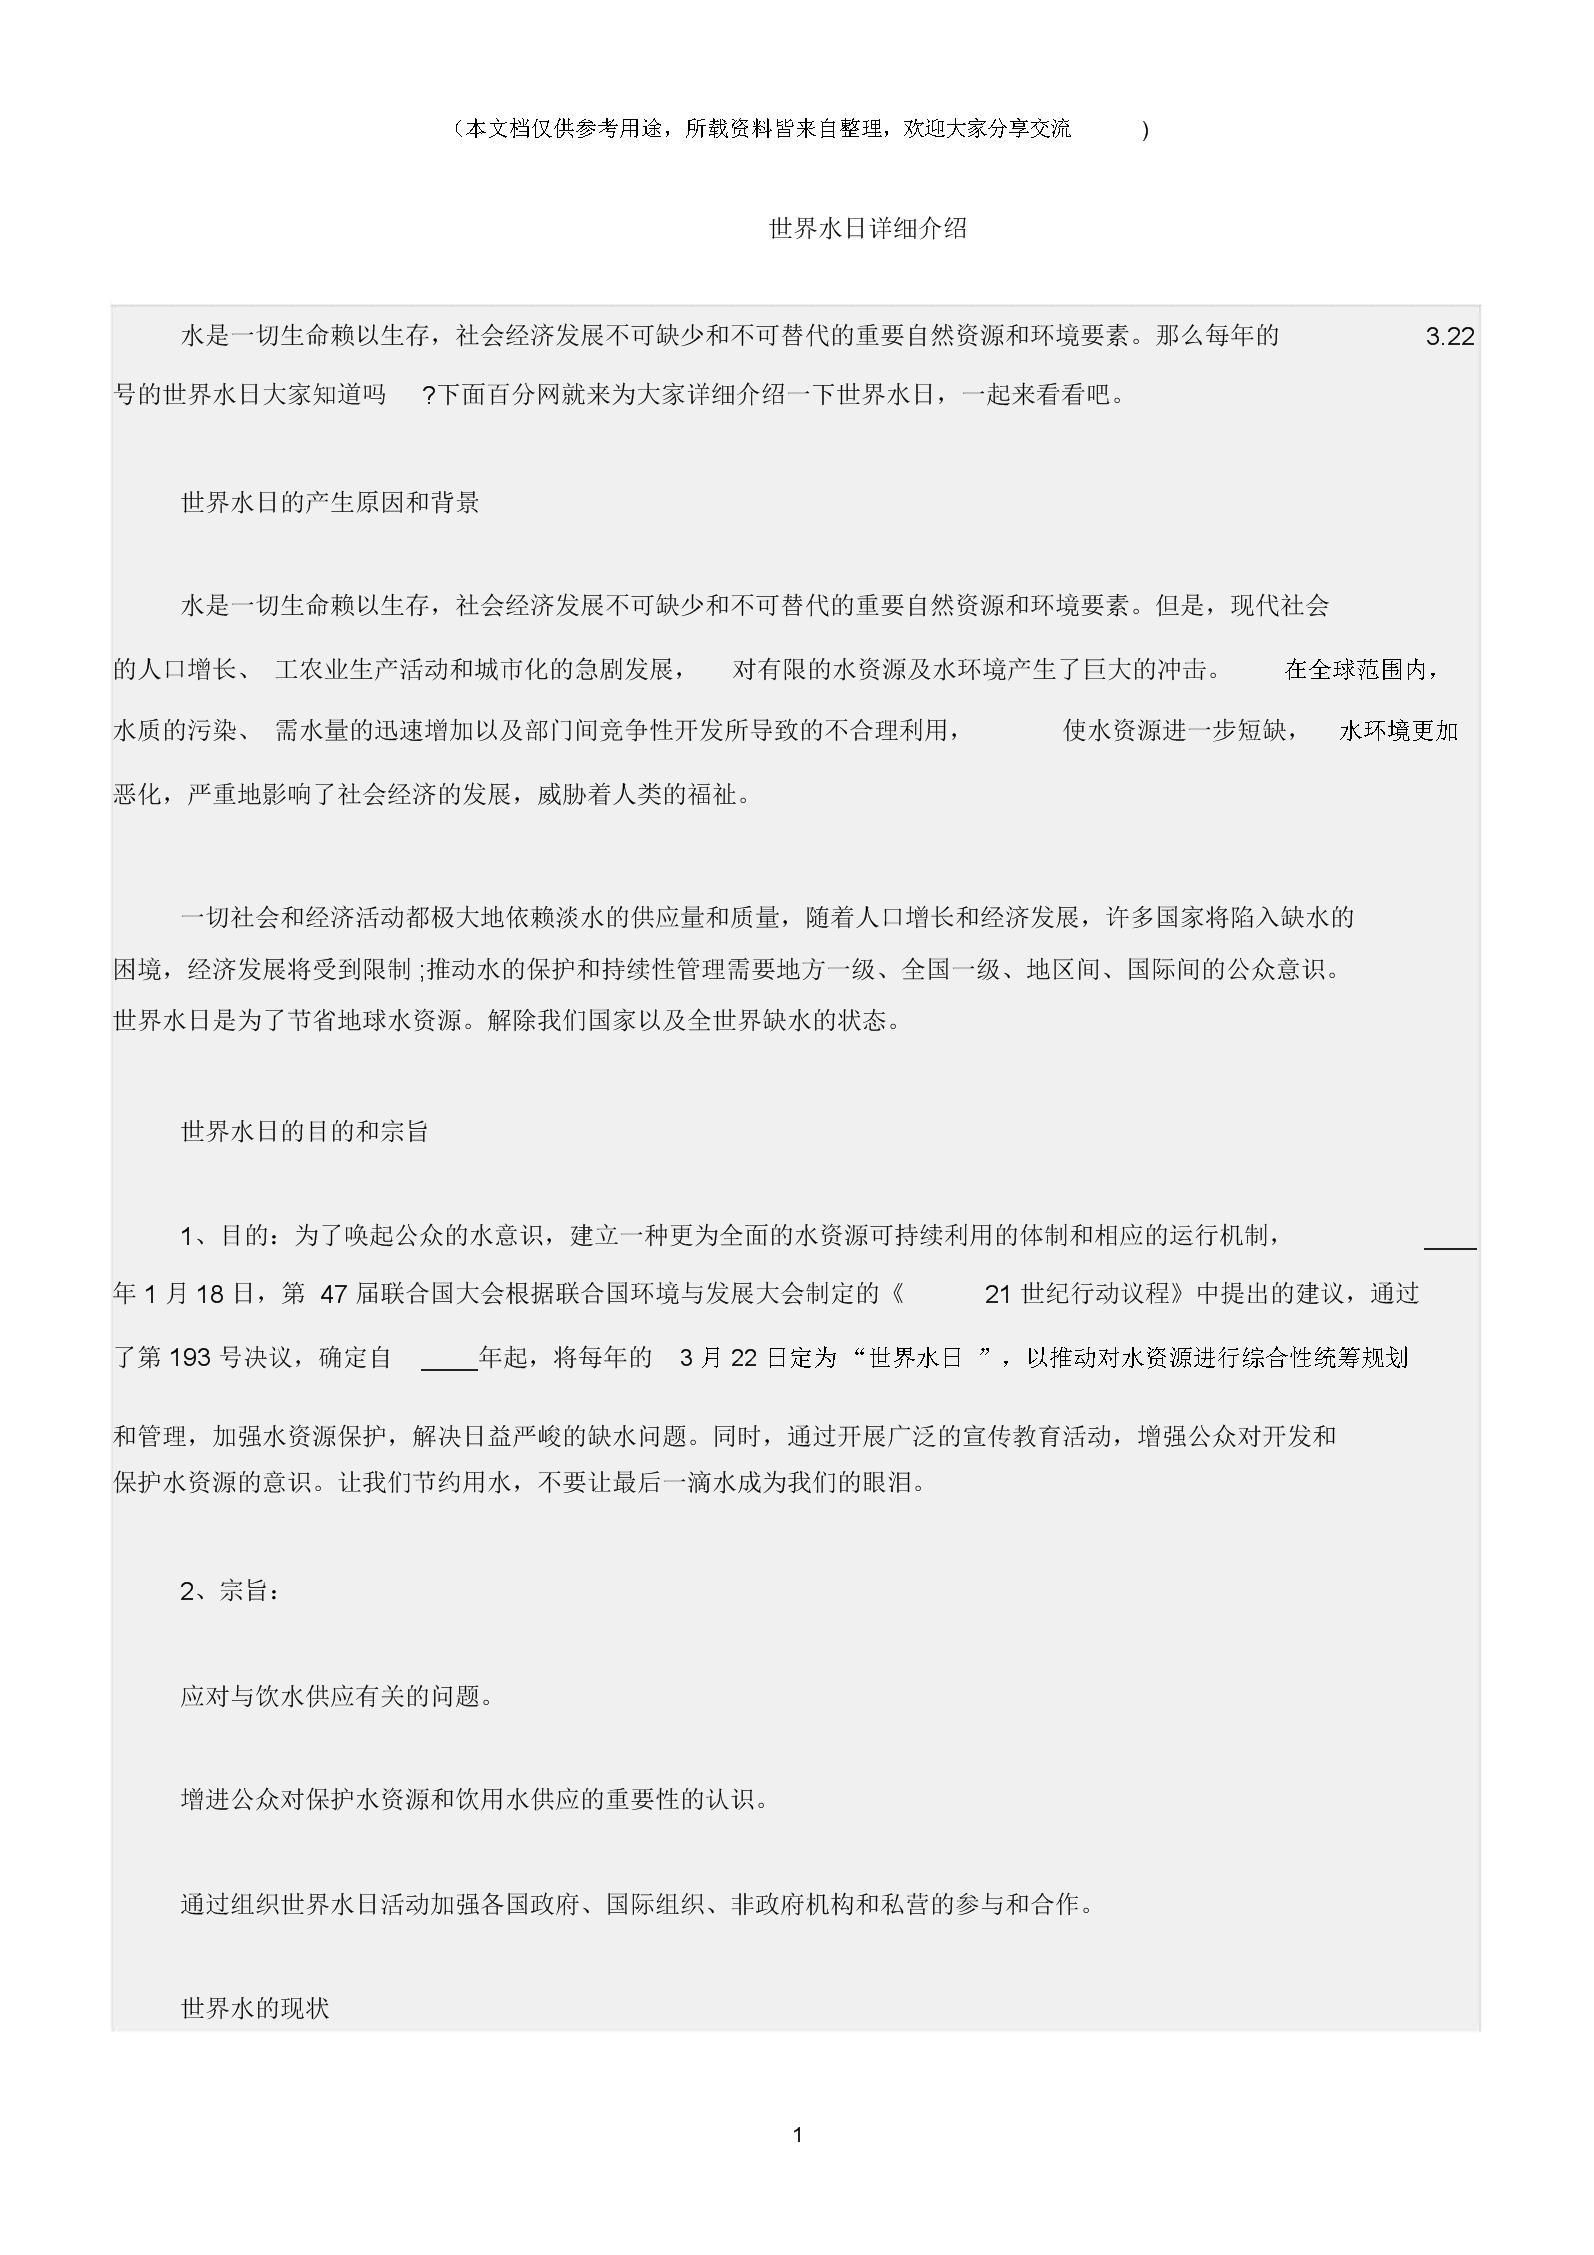 (世界水日)世界水日详细介绍.docx